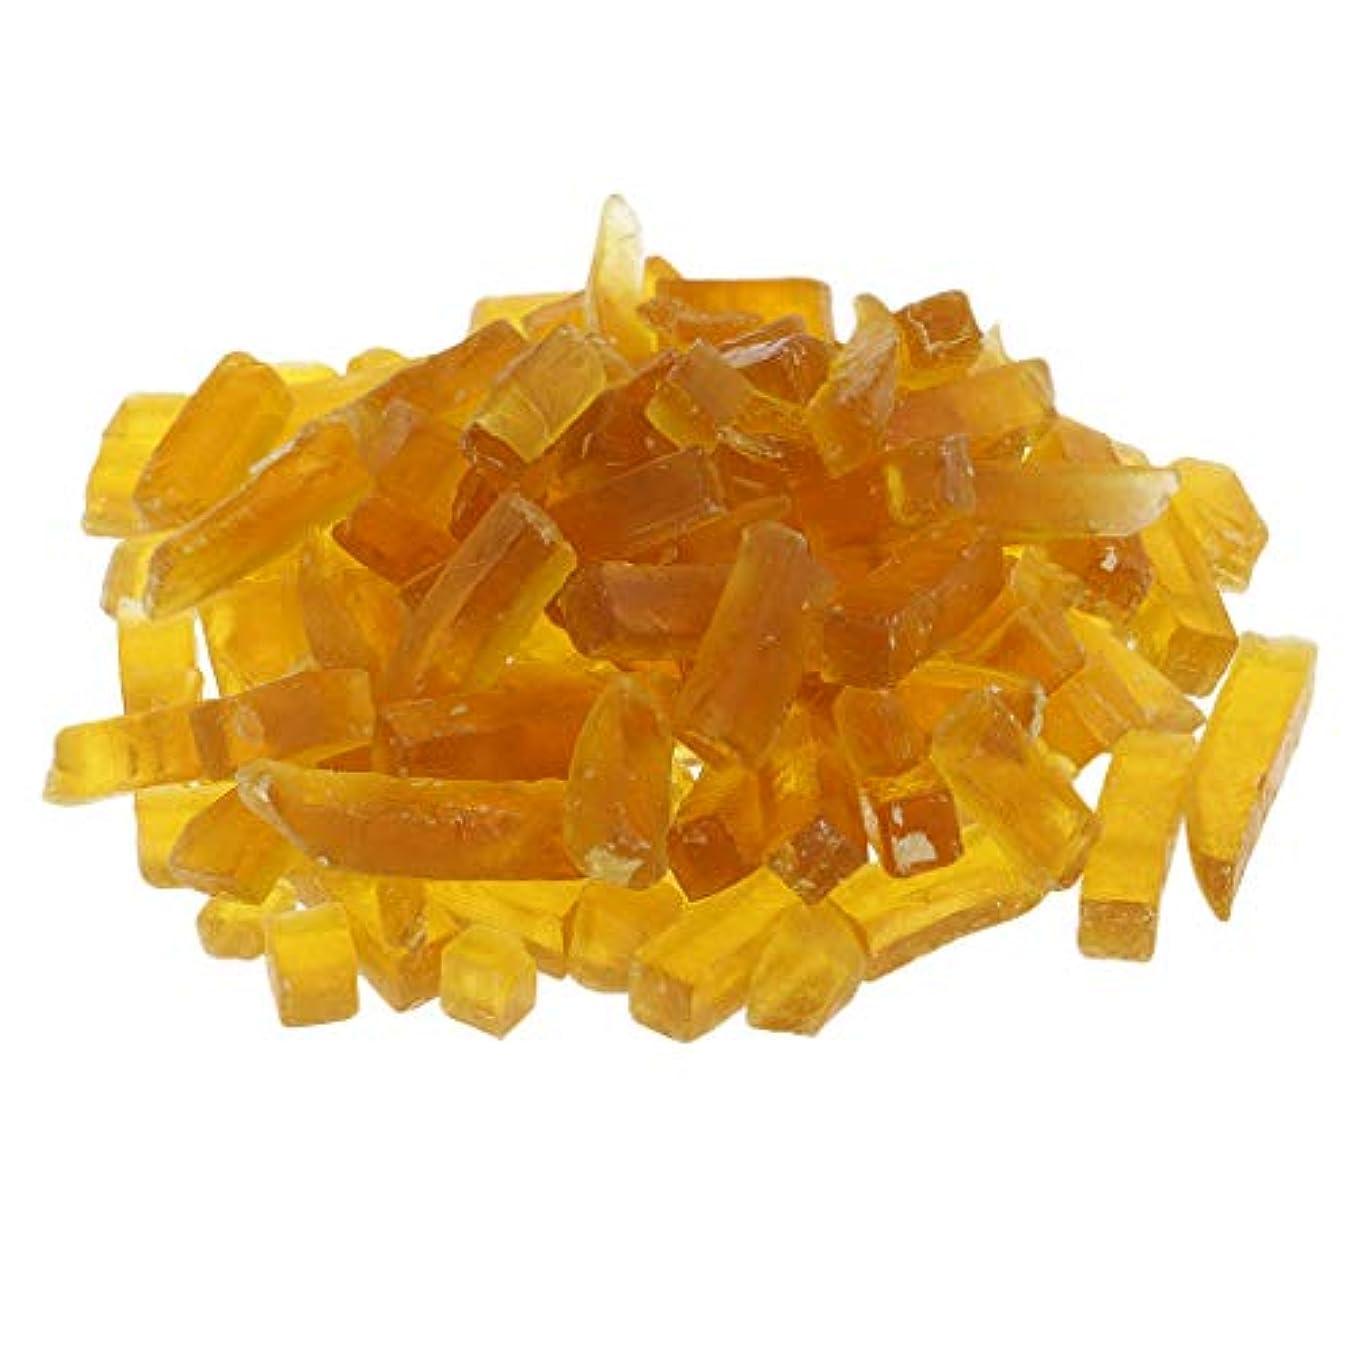 常に熟達した塩辛いPerfeclan 溶融植物 石鹸 石鹸用 天然植物 石けん ソープベース 250g イエロー